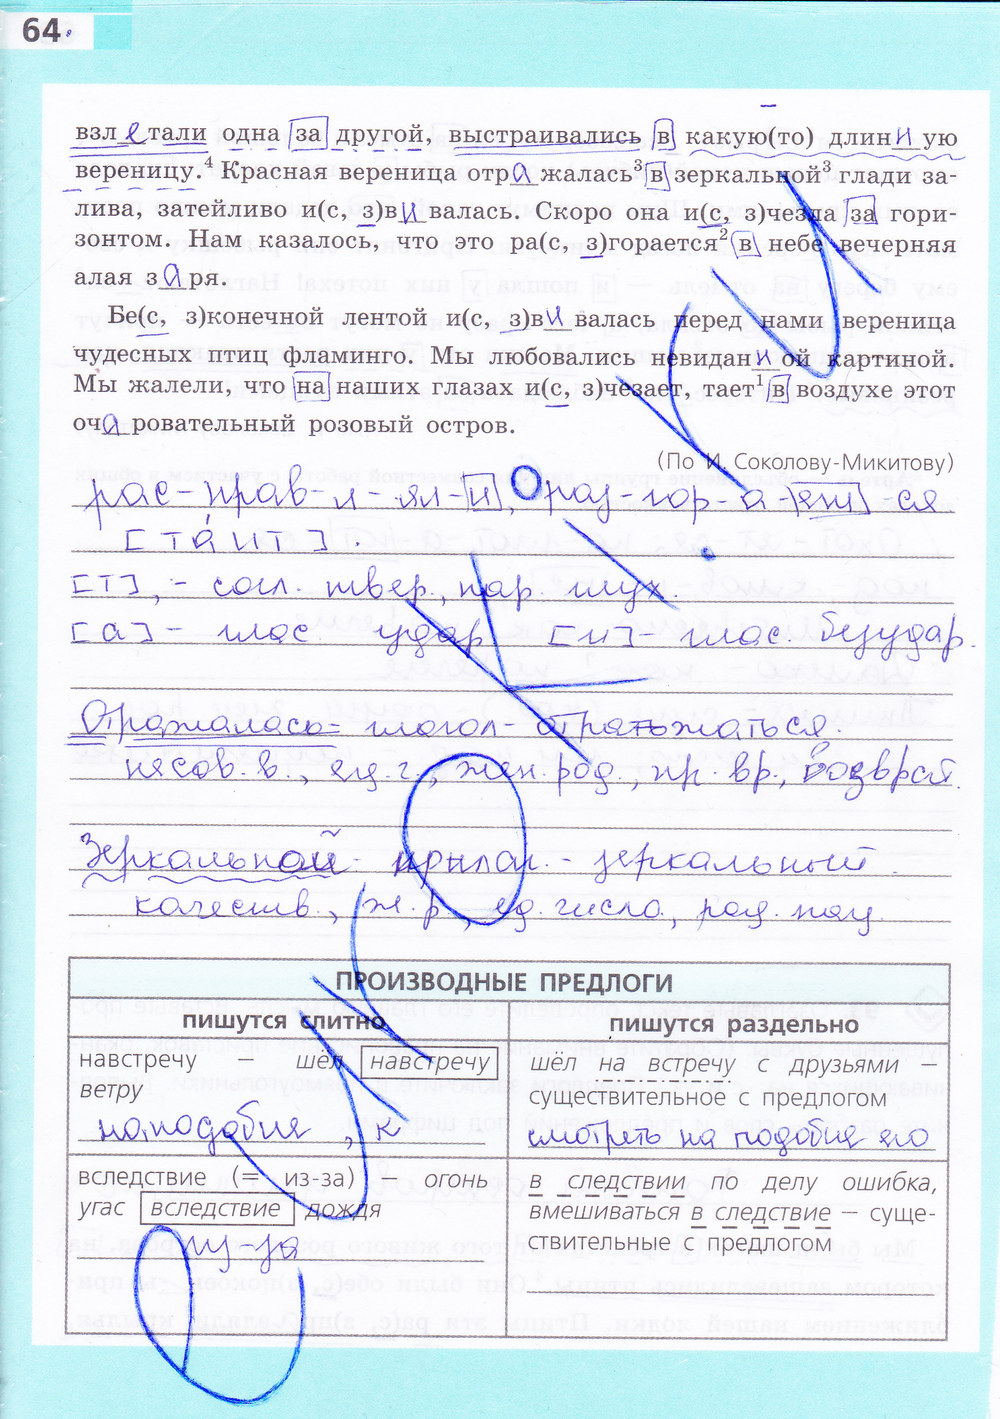 Скачать рабочую тетрадь по русскому языку 5 класс ефремова